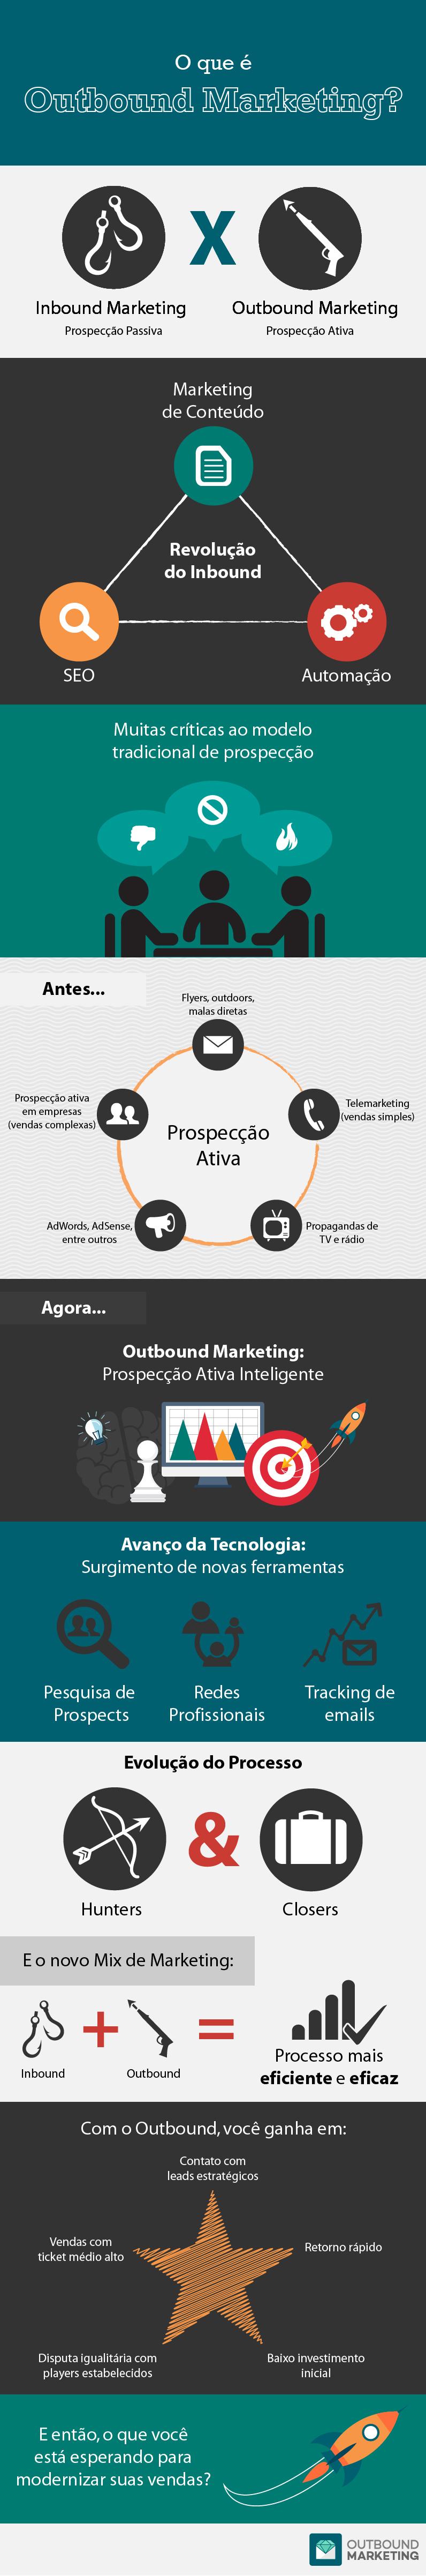 O que é Outbound Marketing